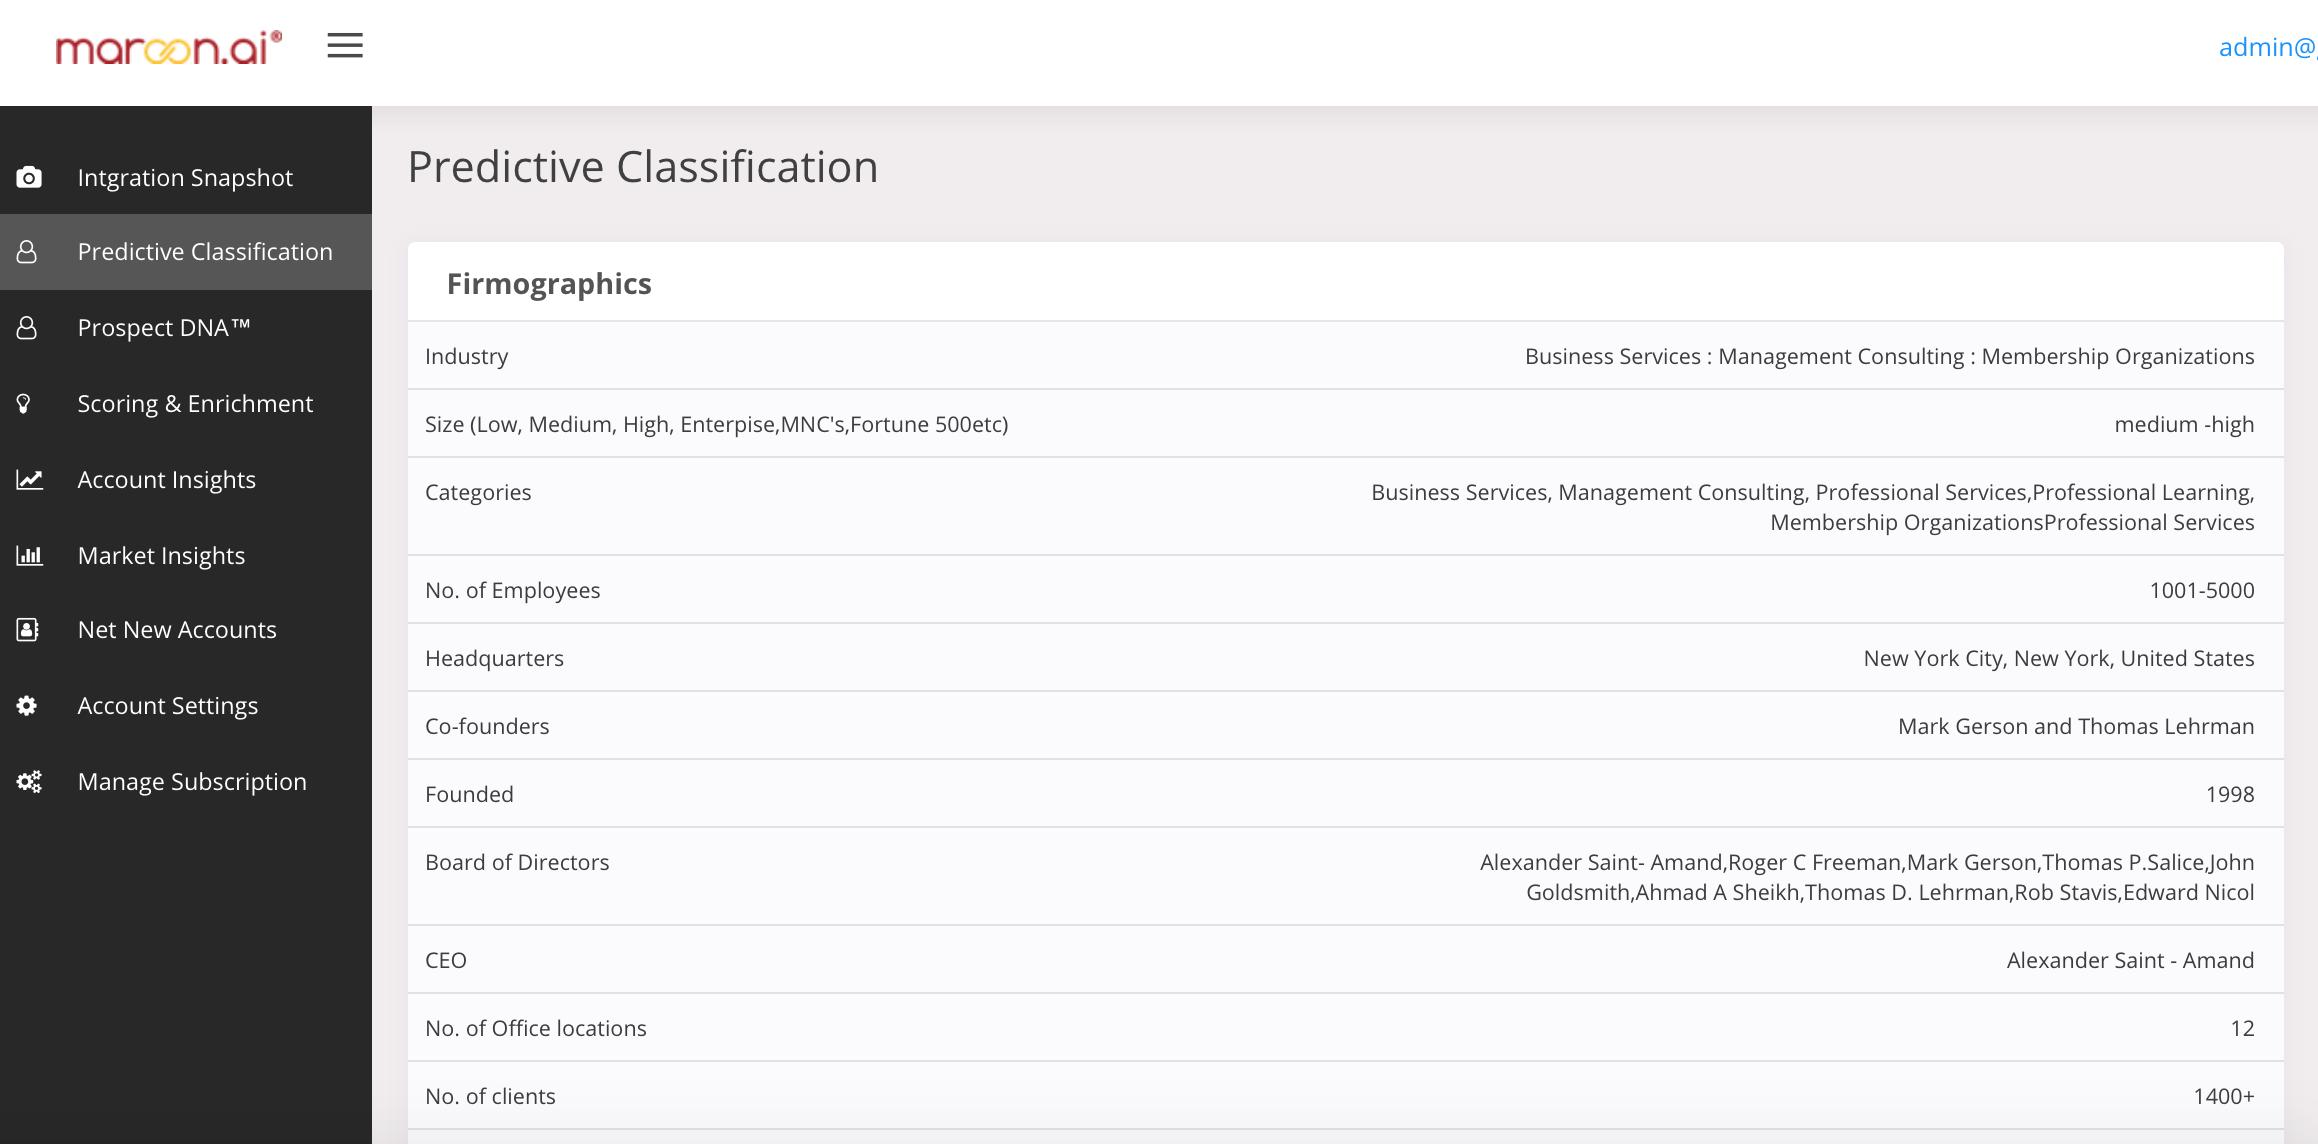 Maroon.ai Demo - Predictive Classification (ICP)